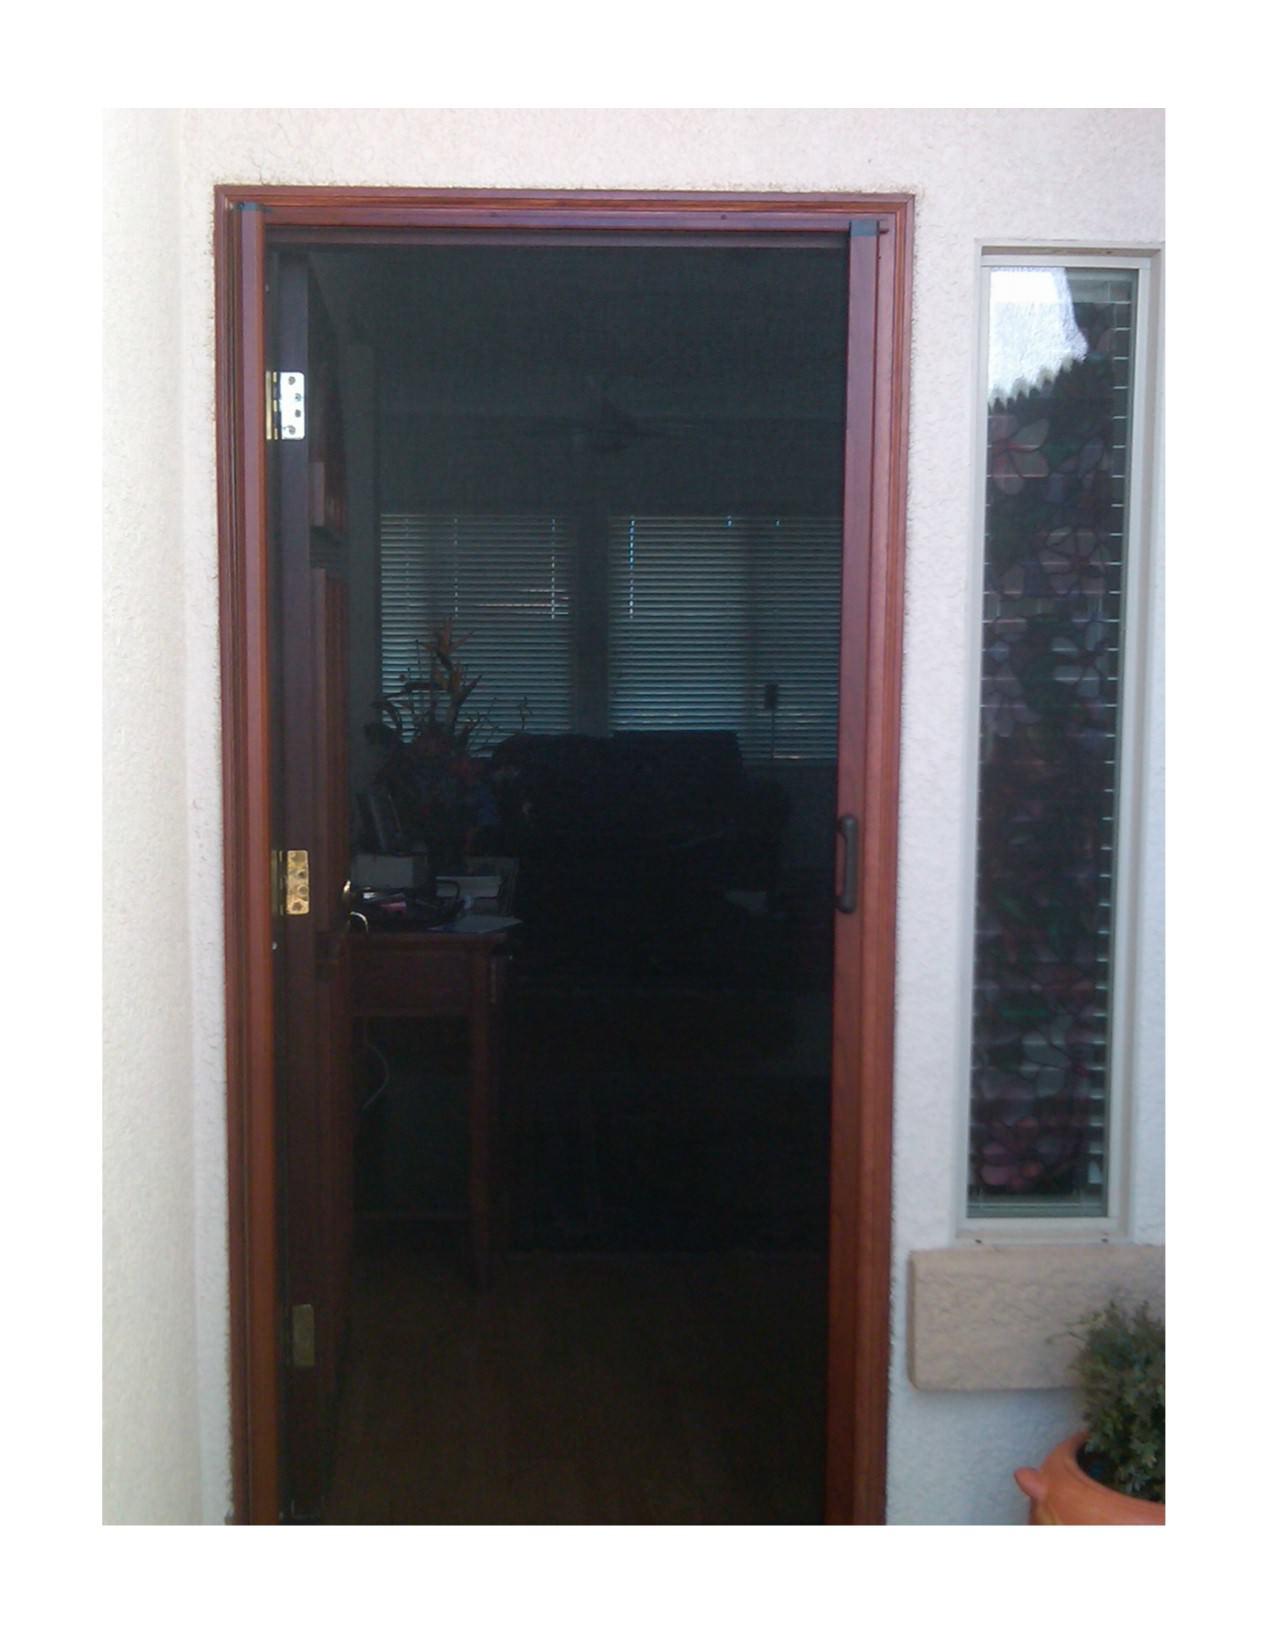 installation watch doors odl brisa youtube screen video retractable door double